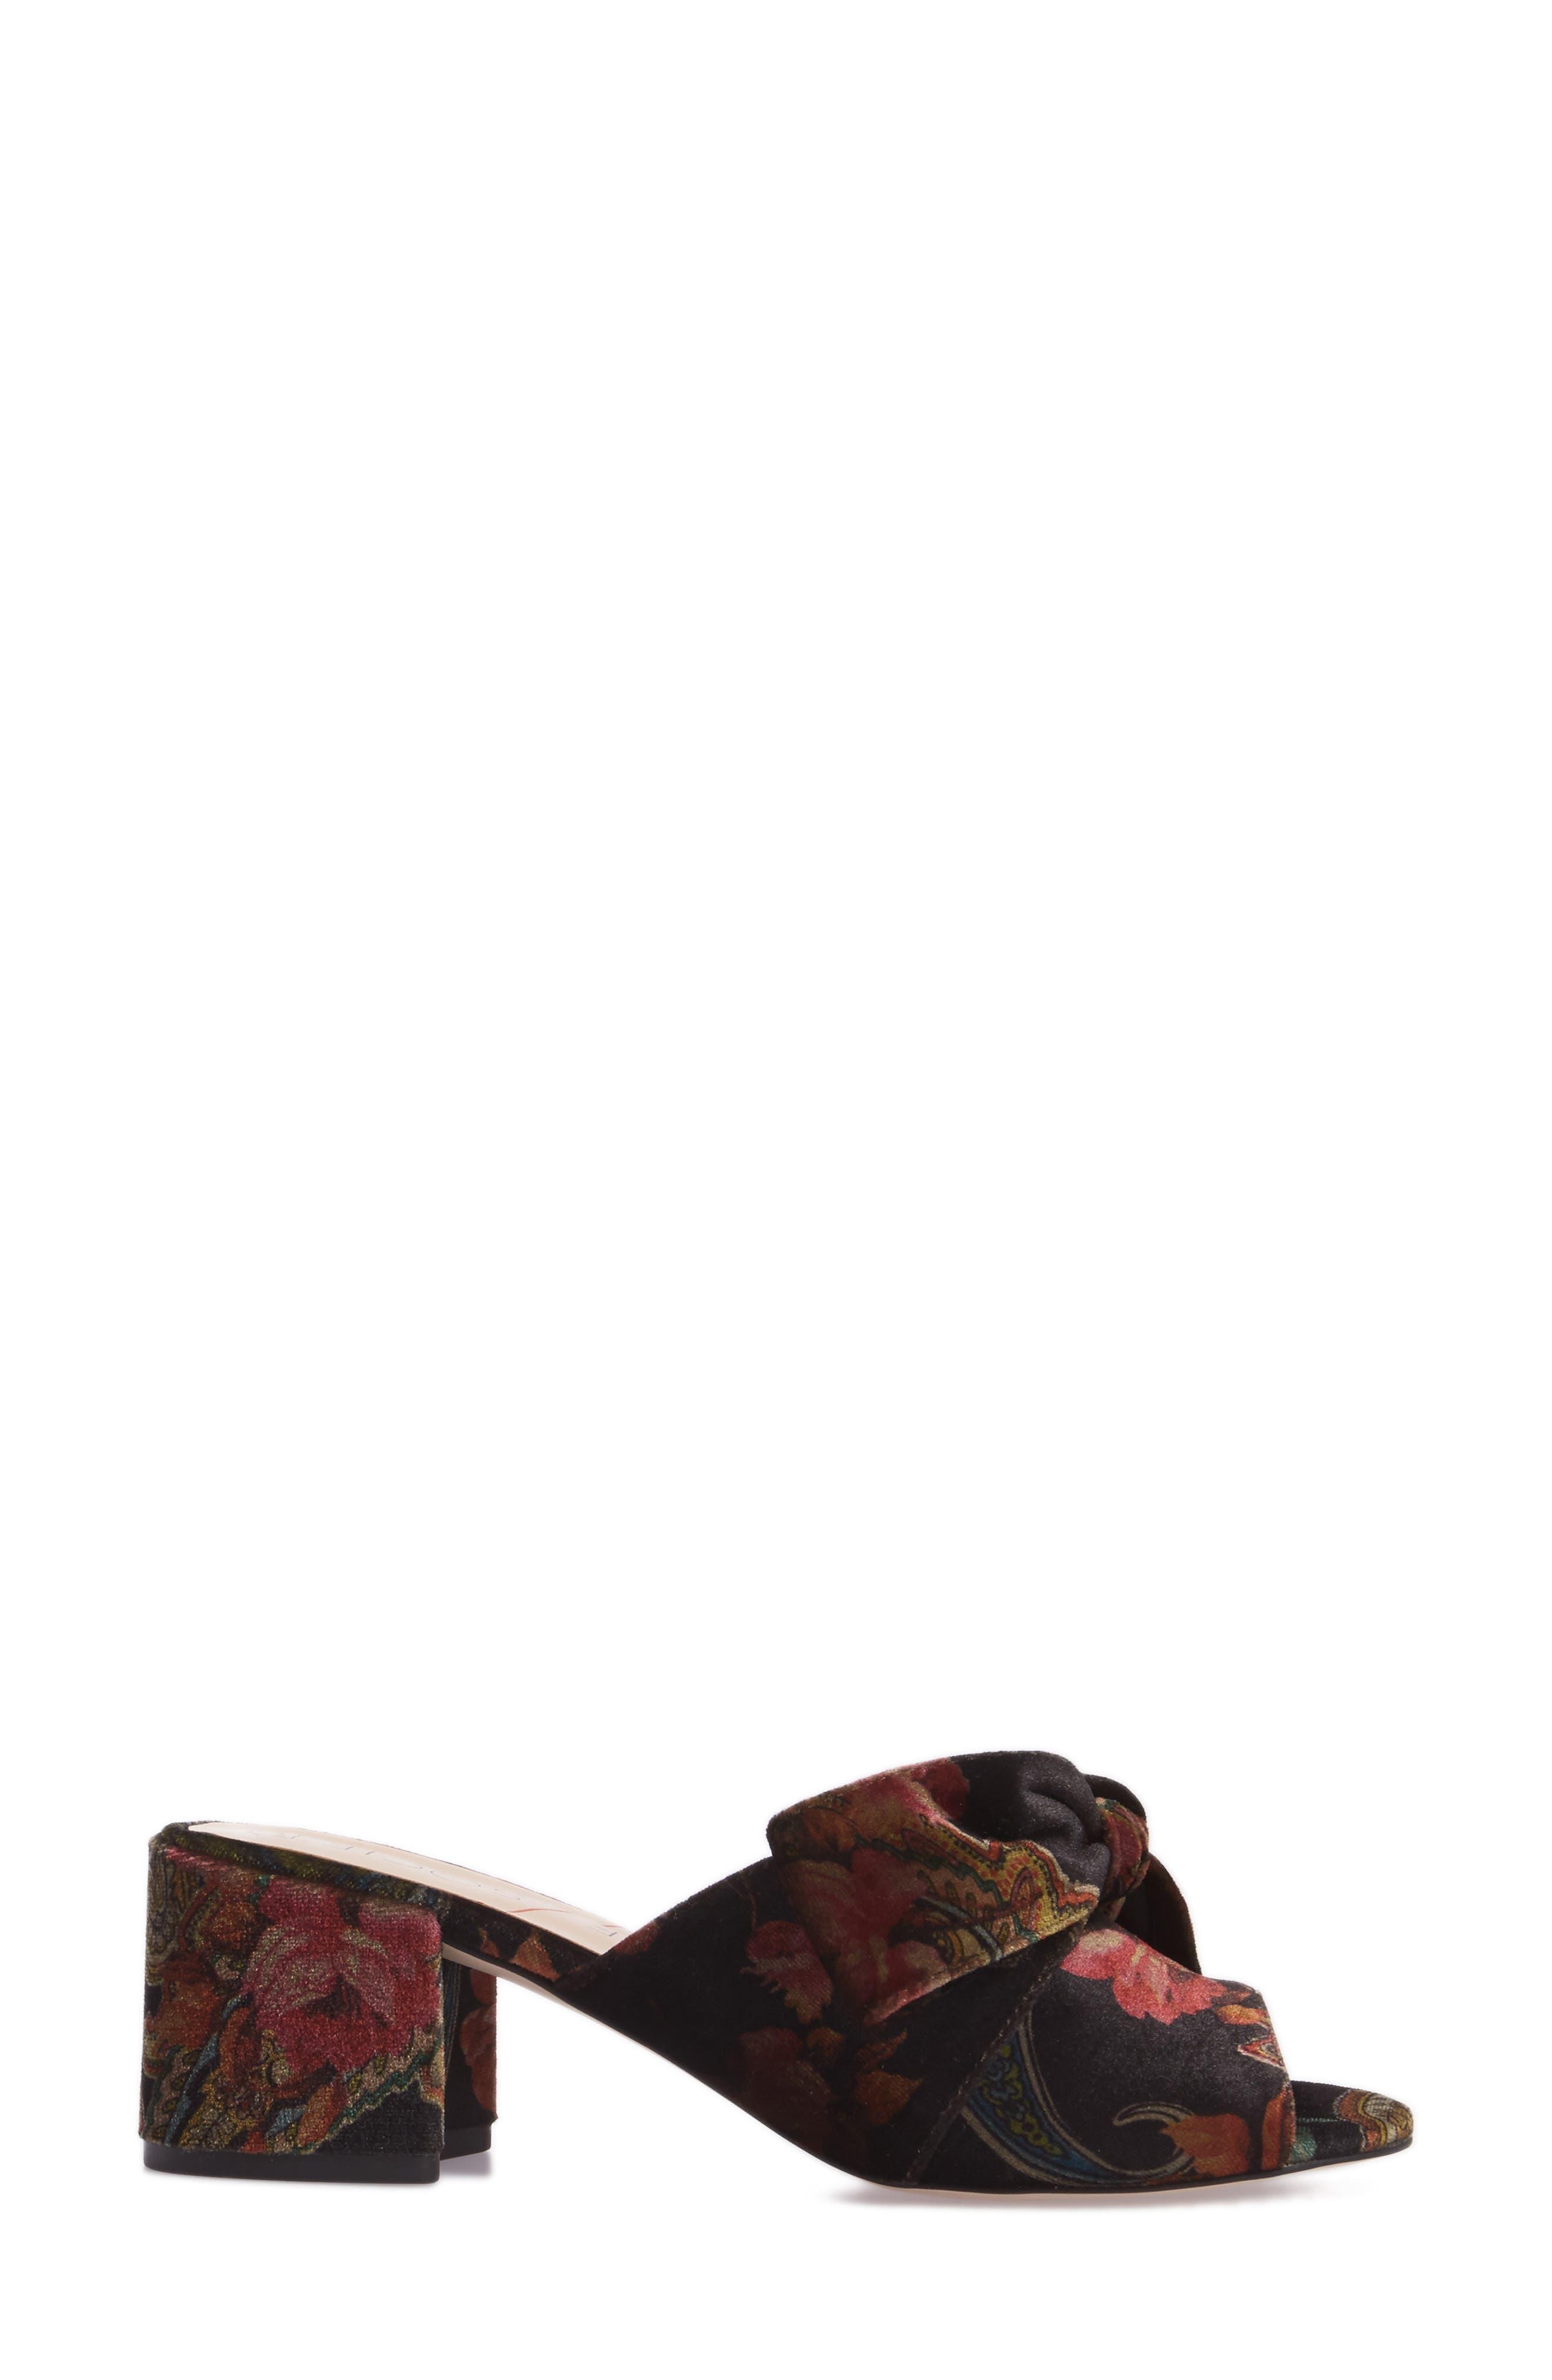 Alternate Image 3  - Sole Society Cece Mule Sandal (Women)